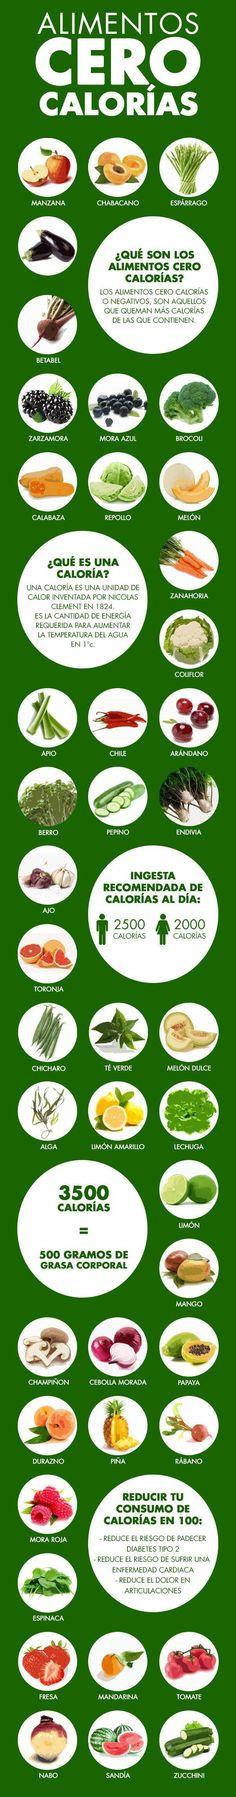 42 Alimentos que contienen cero calorías y te ayudan a adelgazar | Adelgazar - Bajar de Peso